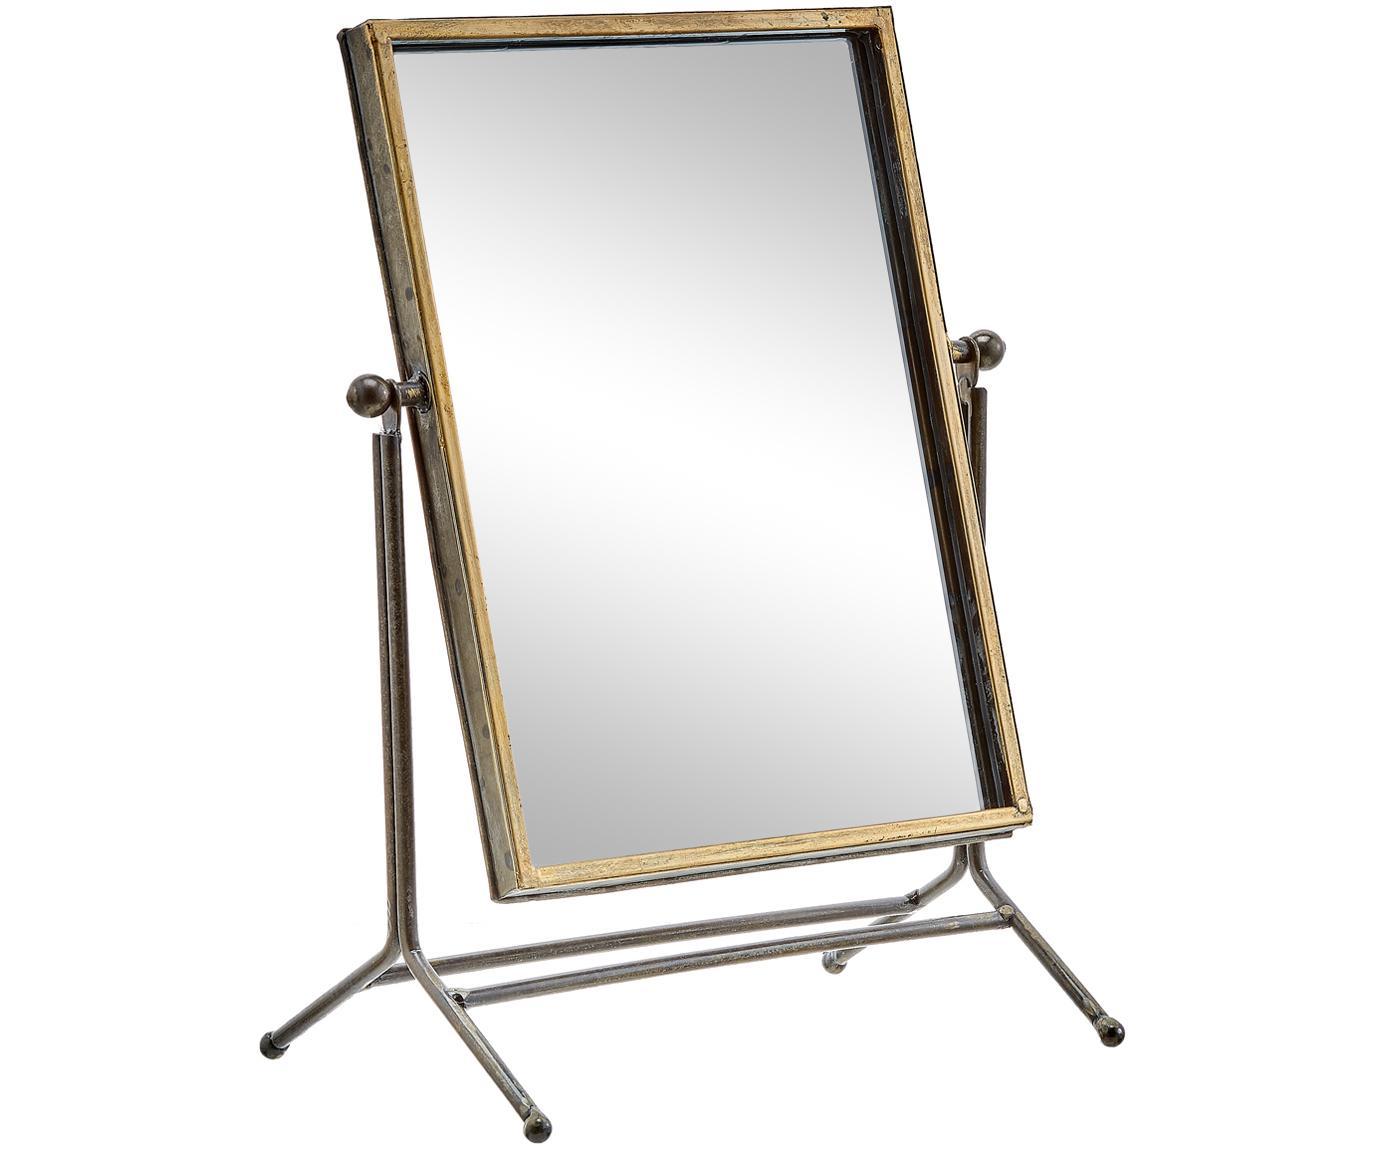 Kosmetikspiegel Antique, Rahmen: Metall, beschichtet, Spiegelfläche: Spiegelglas, Messingfarben, 33 x 44 cm